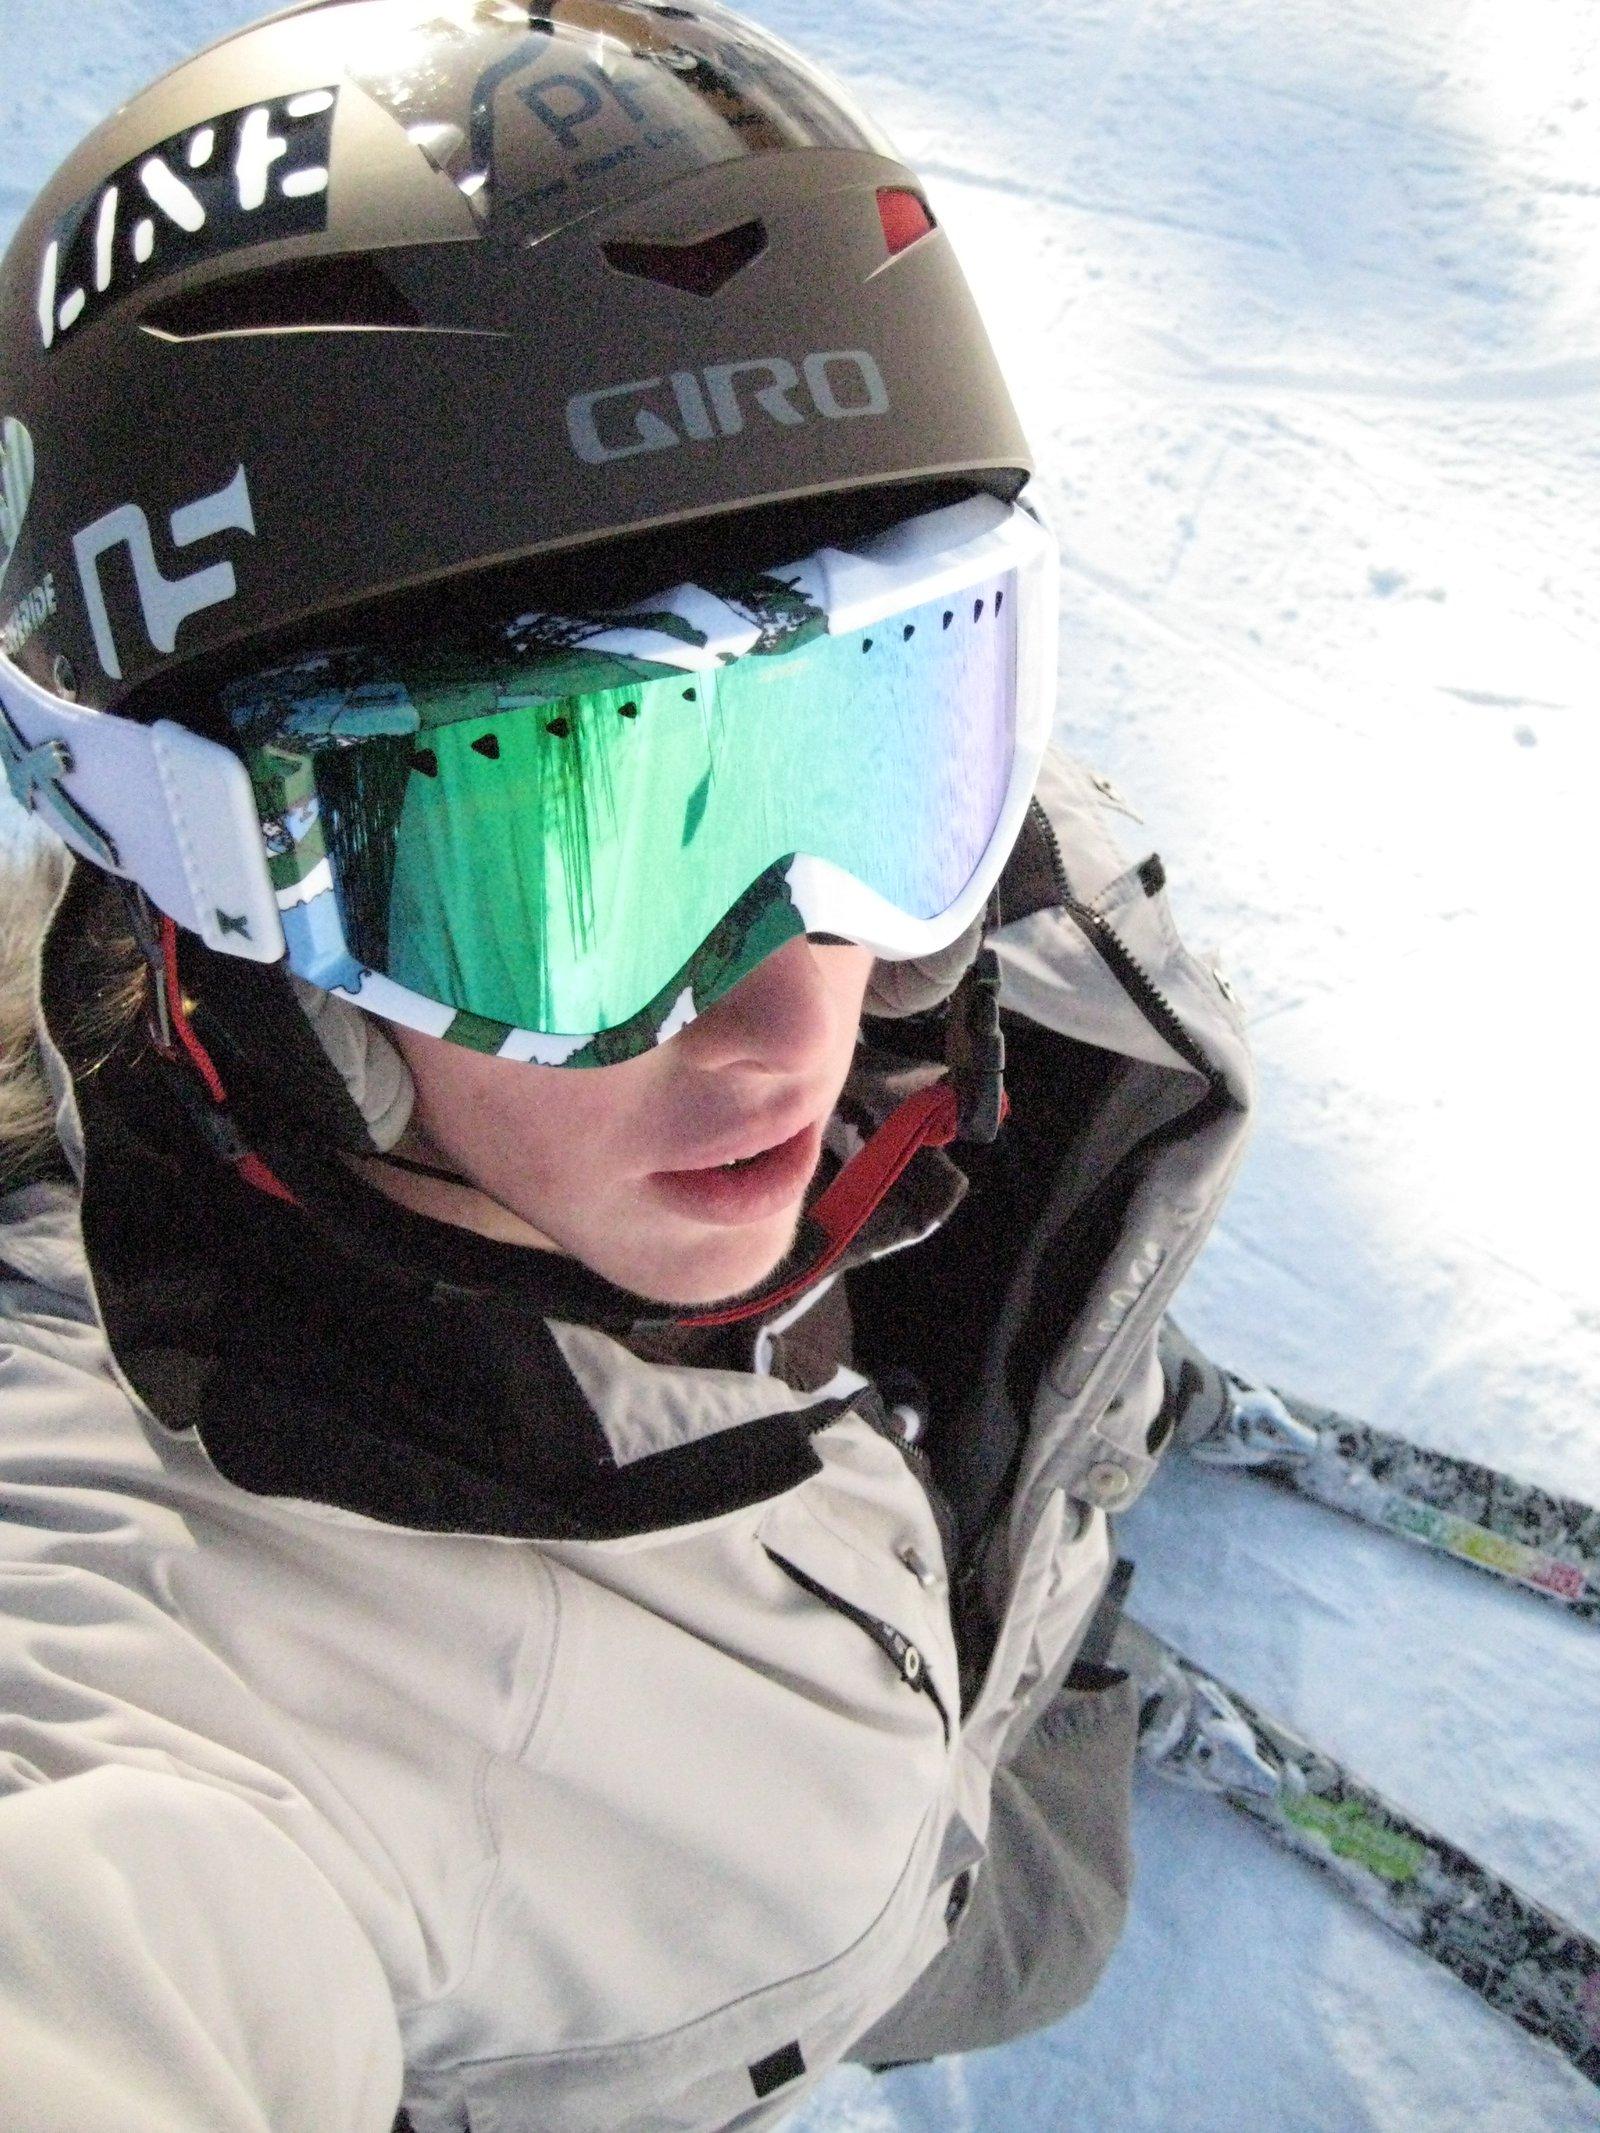 Above angle on skis